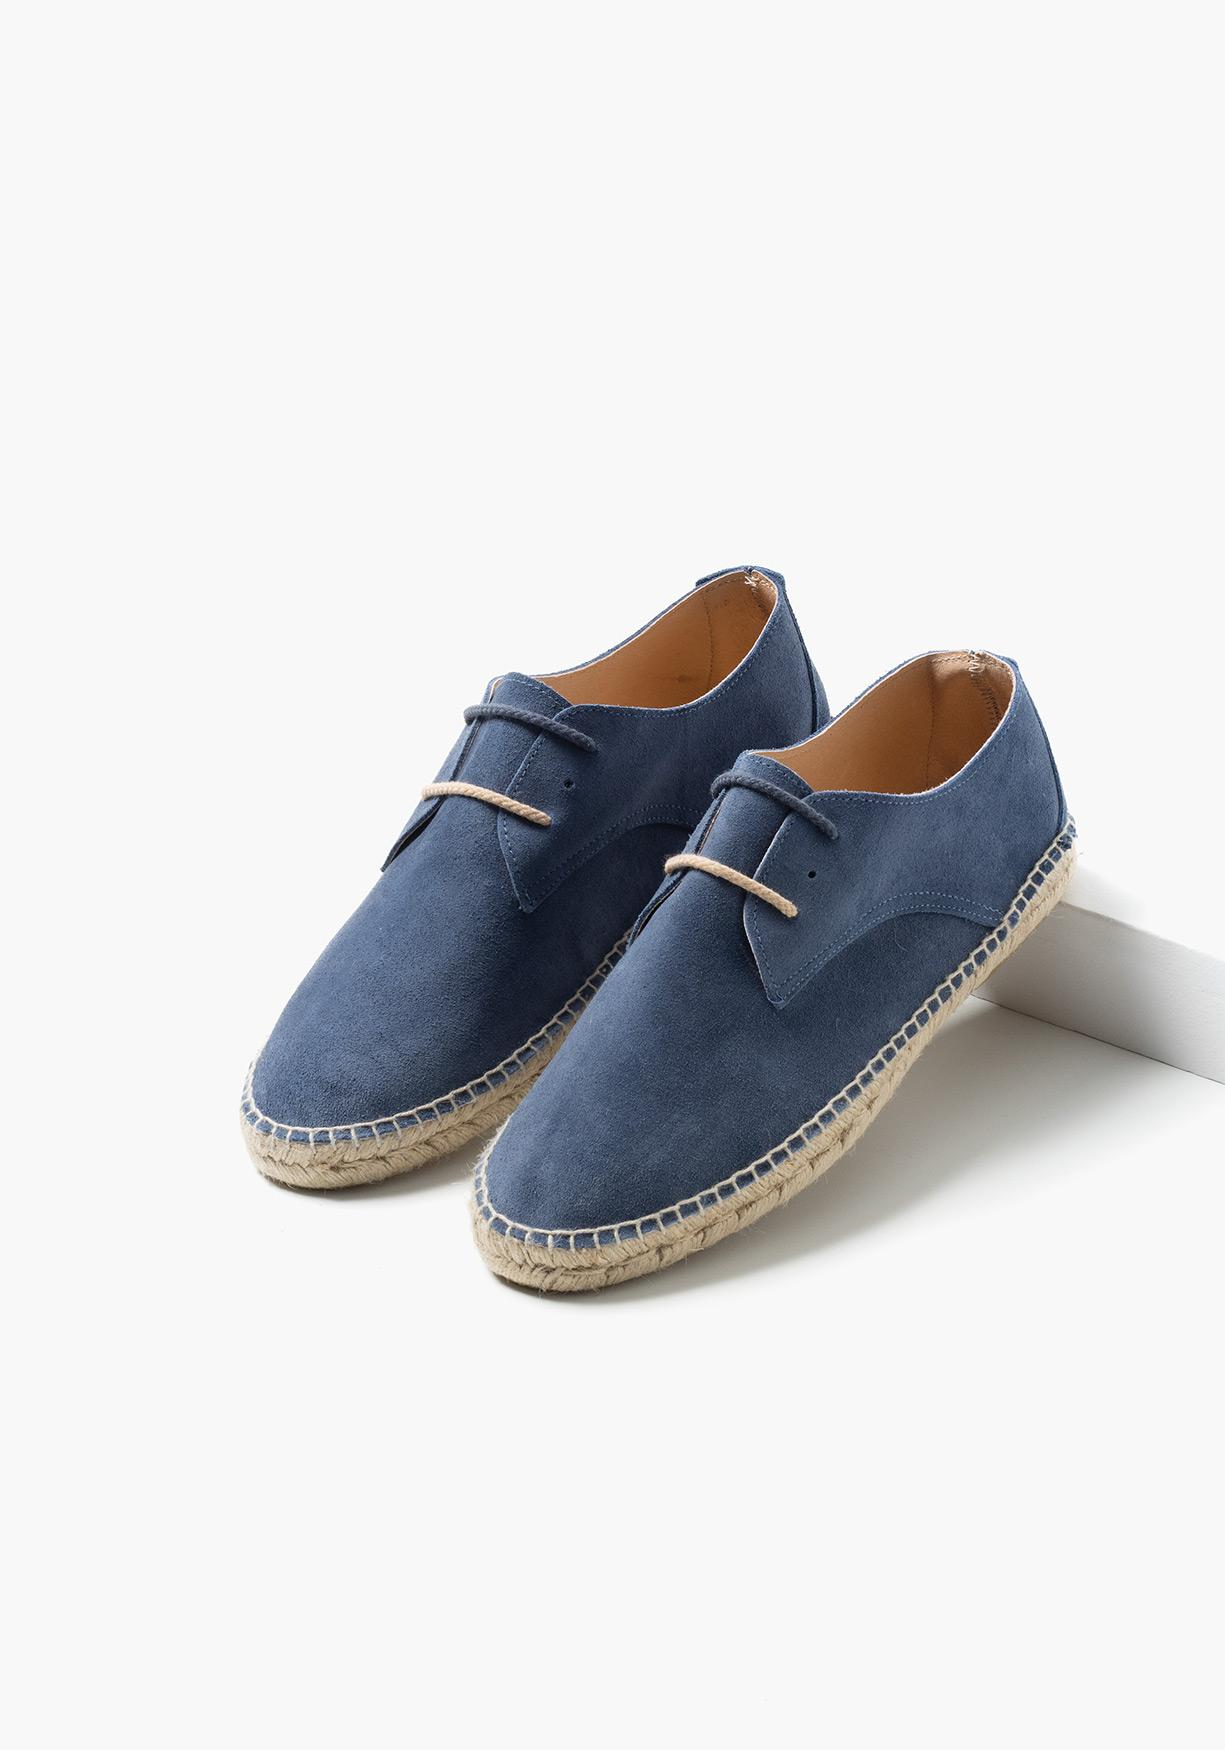 f14ebefb Comprar Zapatos de piel con suela de esparto TEX. ¡Aprovéchate de ...